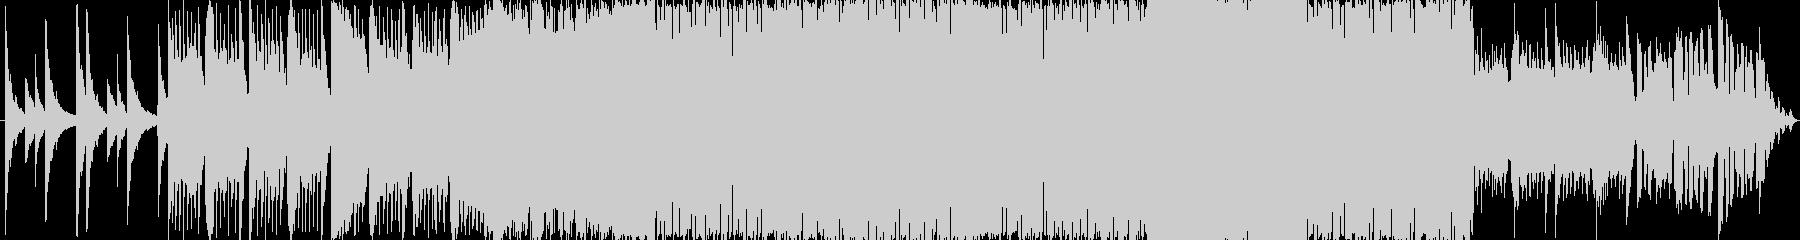 幻想的で爽やかな音楽の未再生の波形